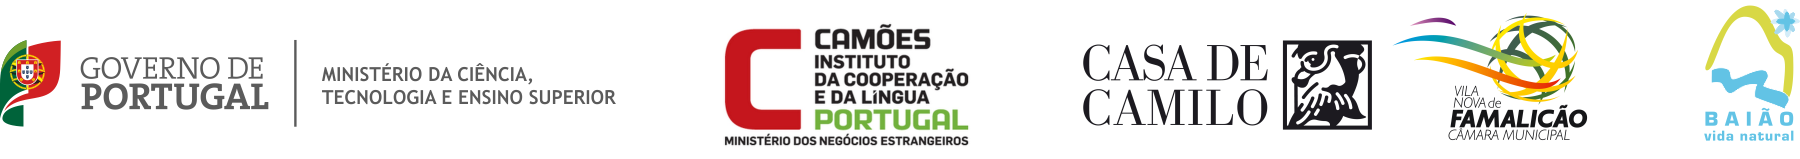 logotipos_curso_verao_2017